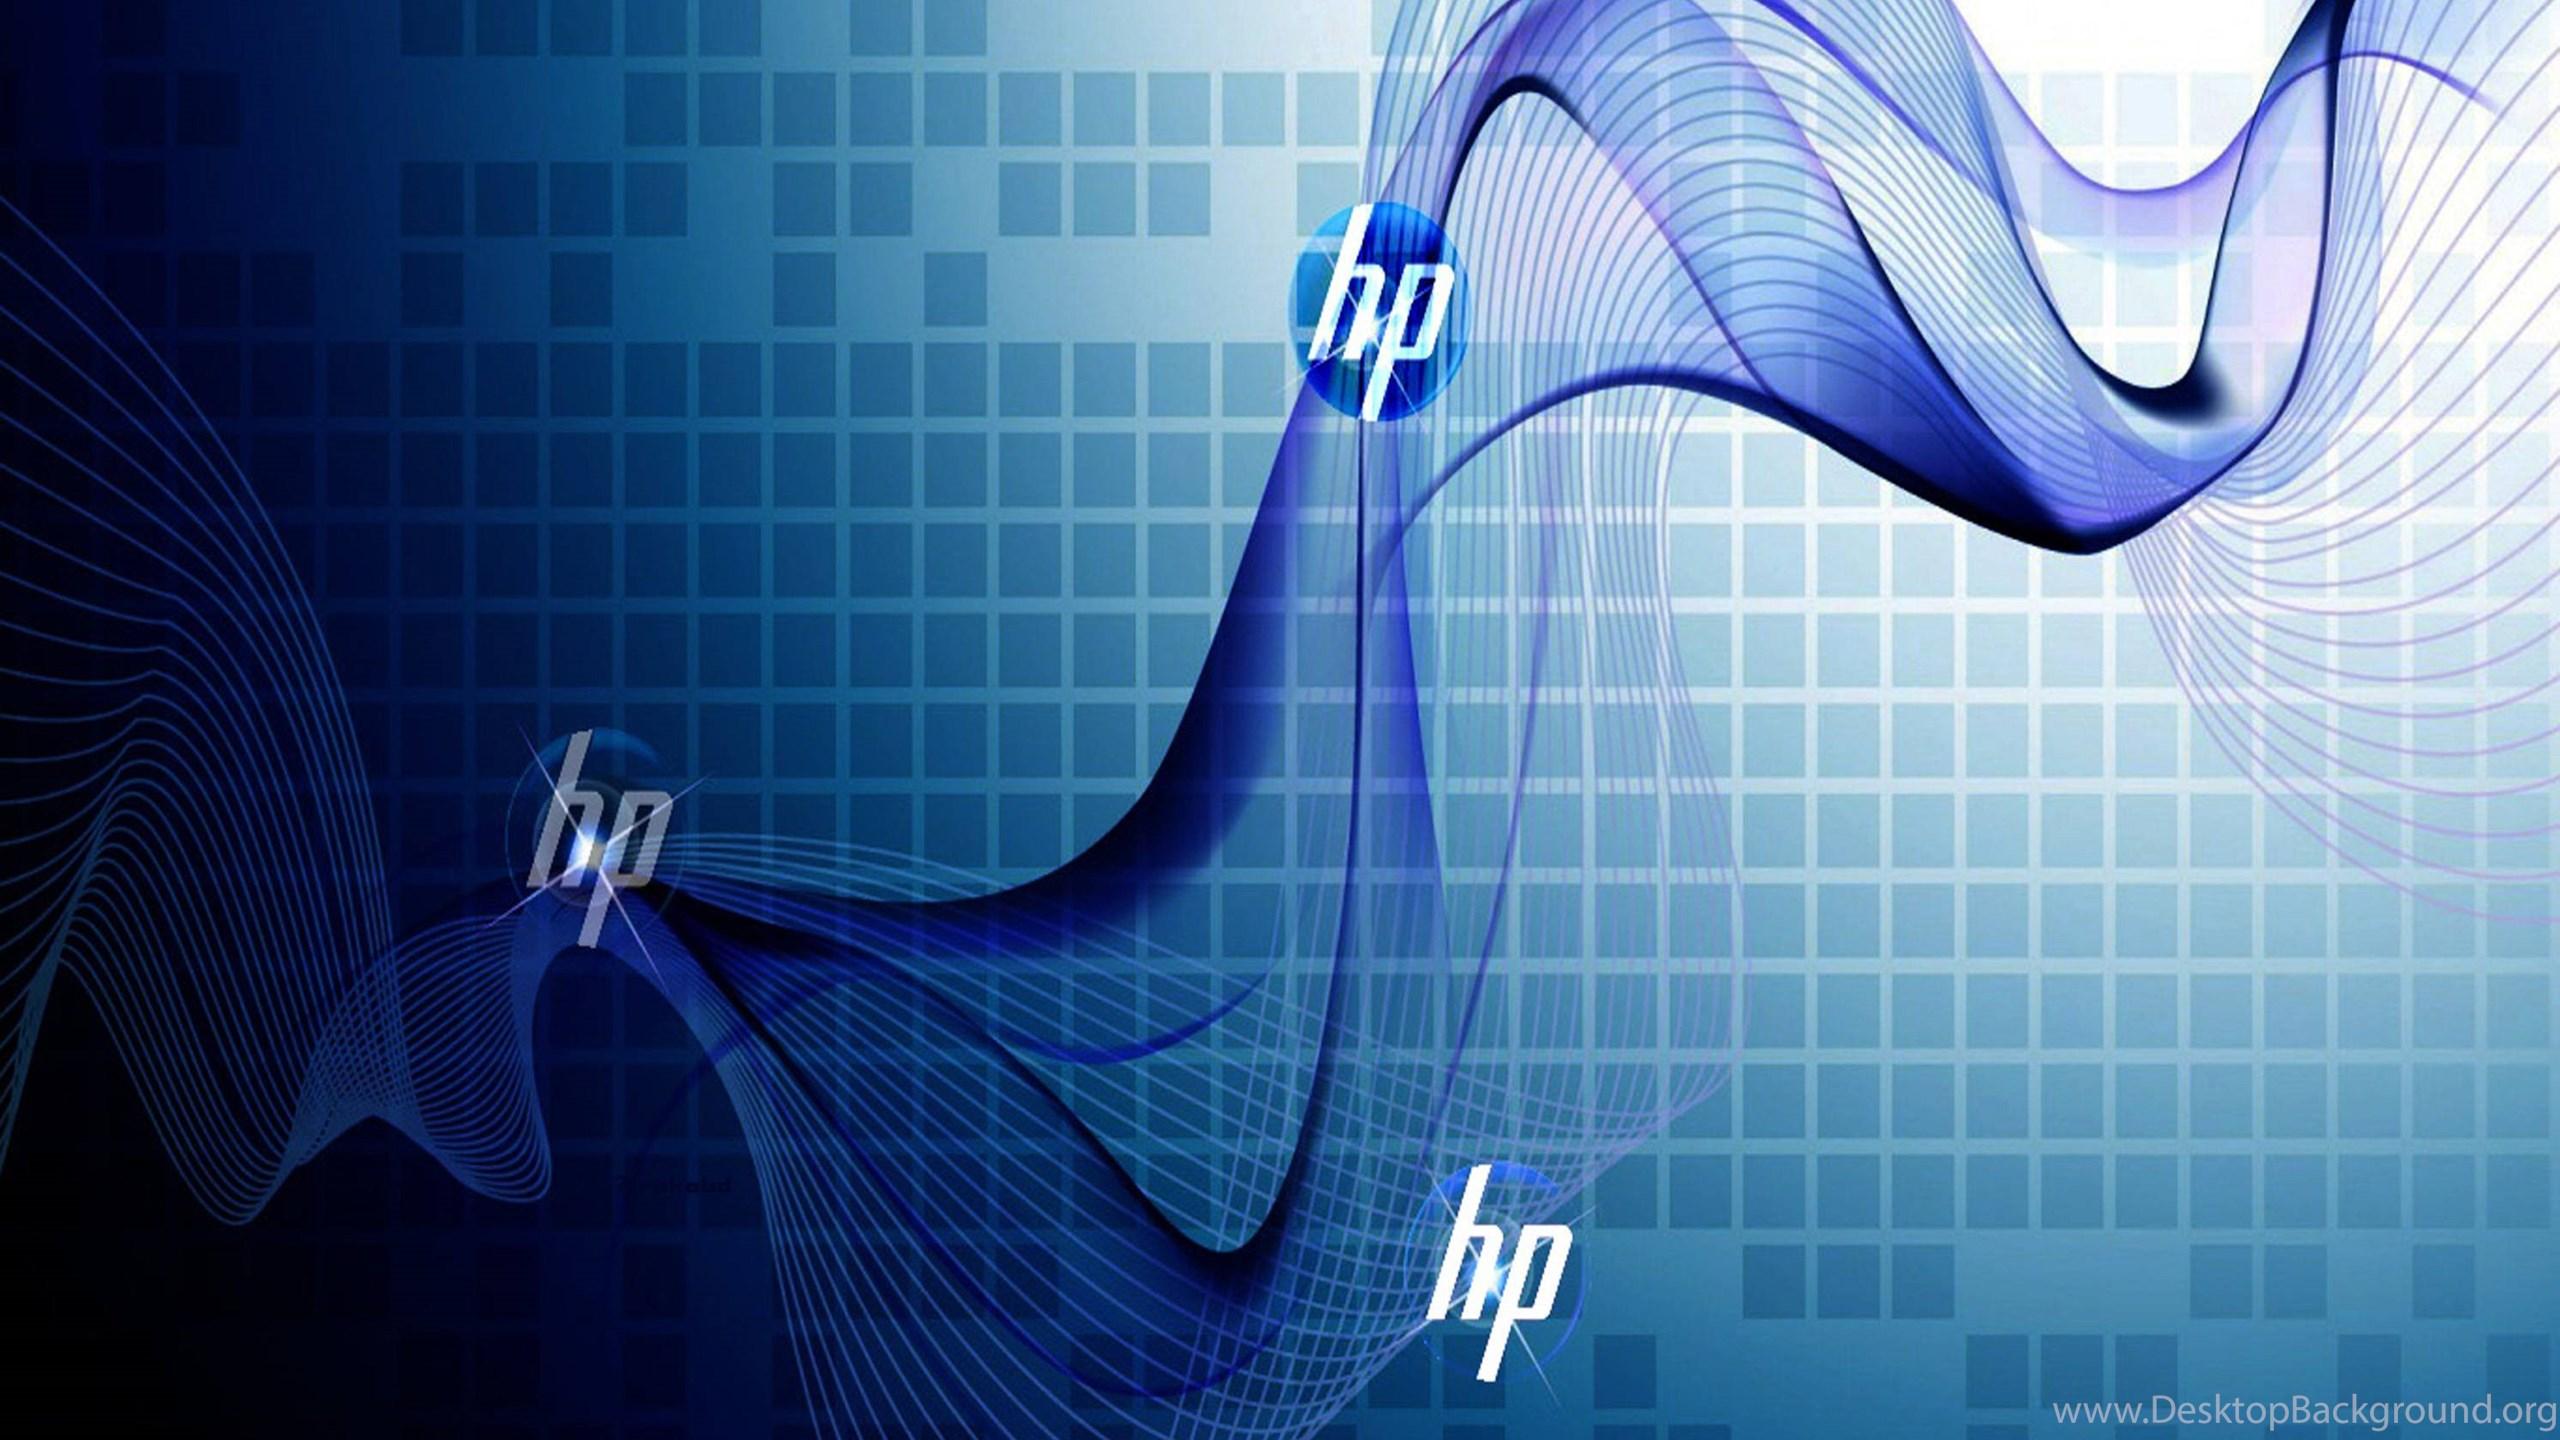 Wallpapers Hewlett Packard Hp Graphics Desktop Wallpapers 3d